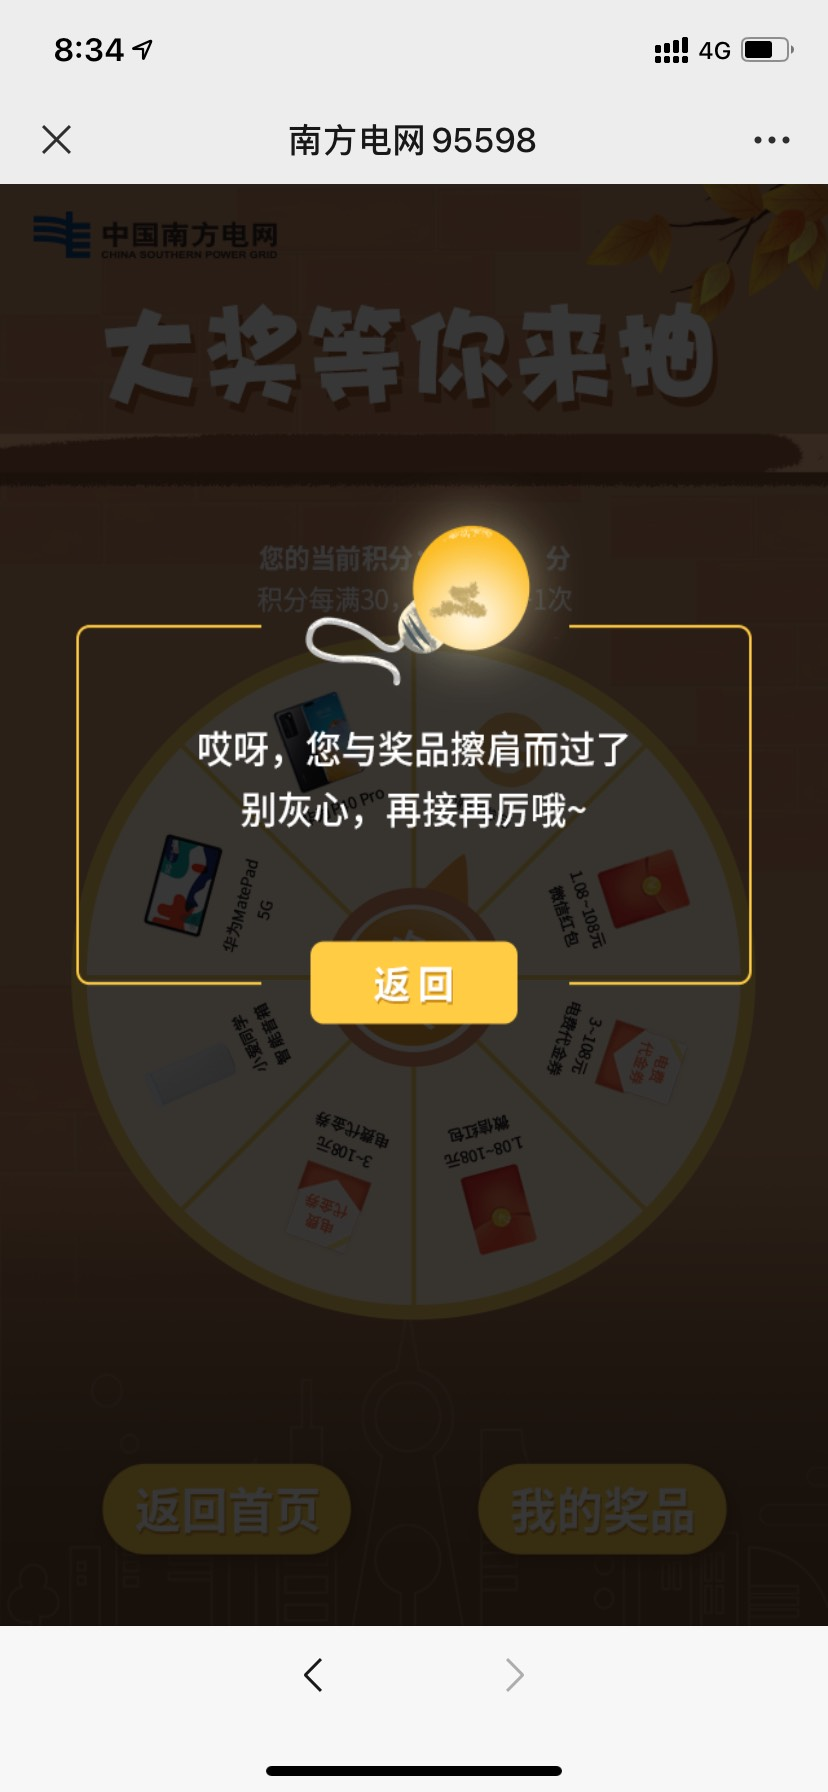 【现金红包】南方电网玩游戏抽红包-聚合资源网